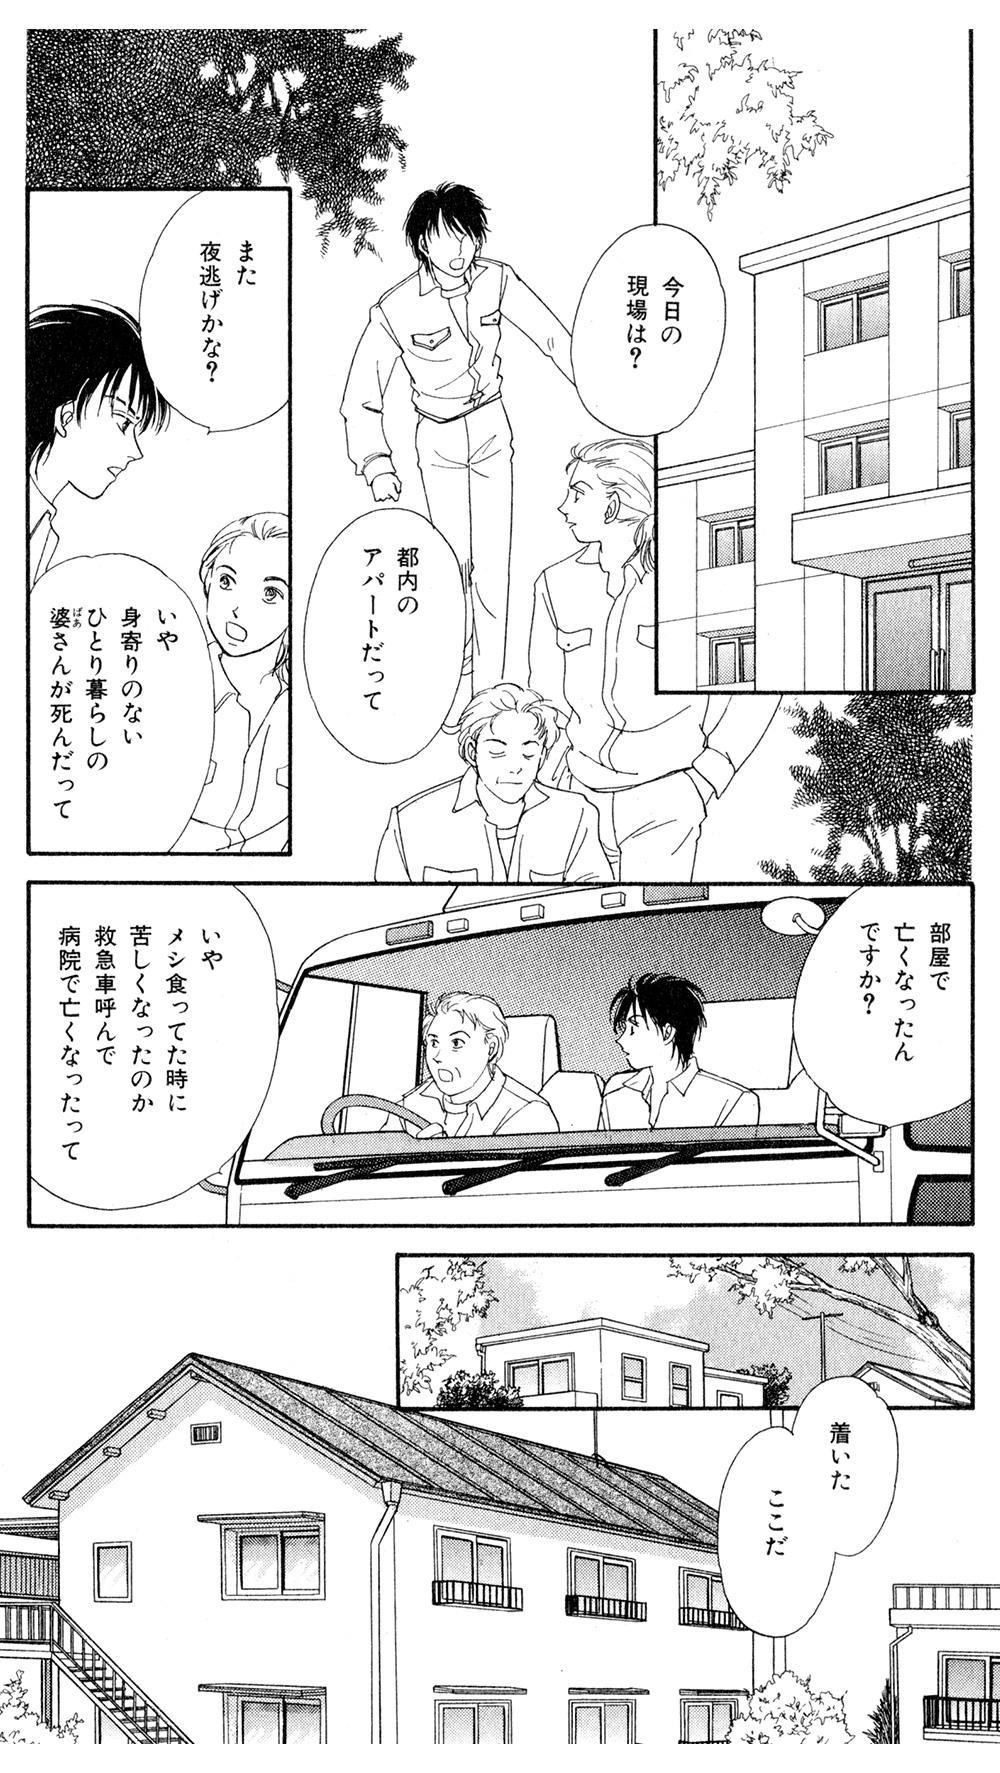 魔百合の恐怖報告 「災いを呼ぶ老婆」①rouba01-03.jpg